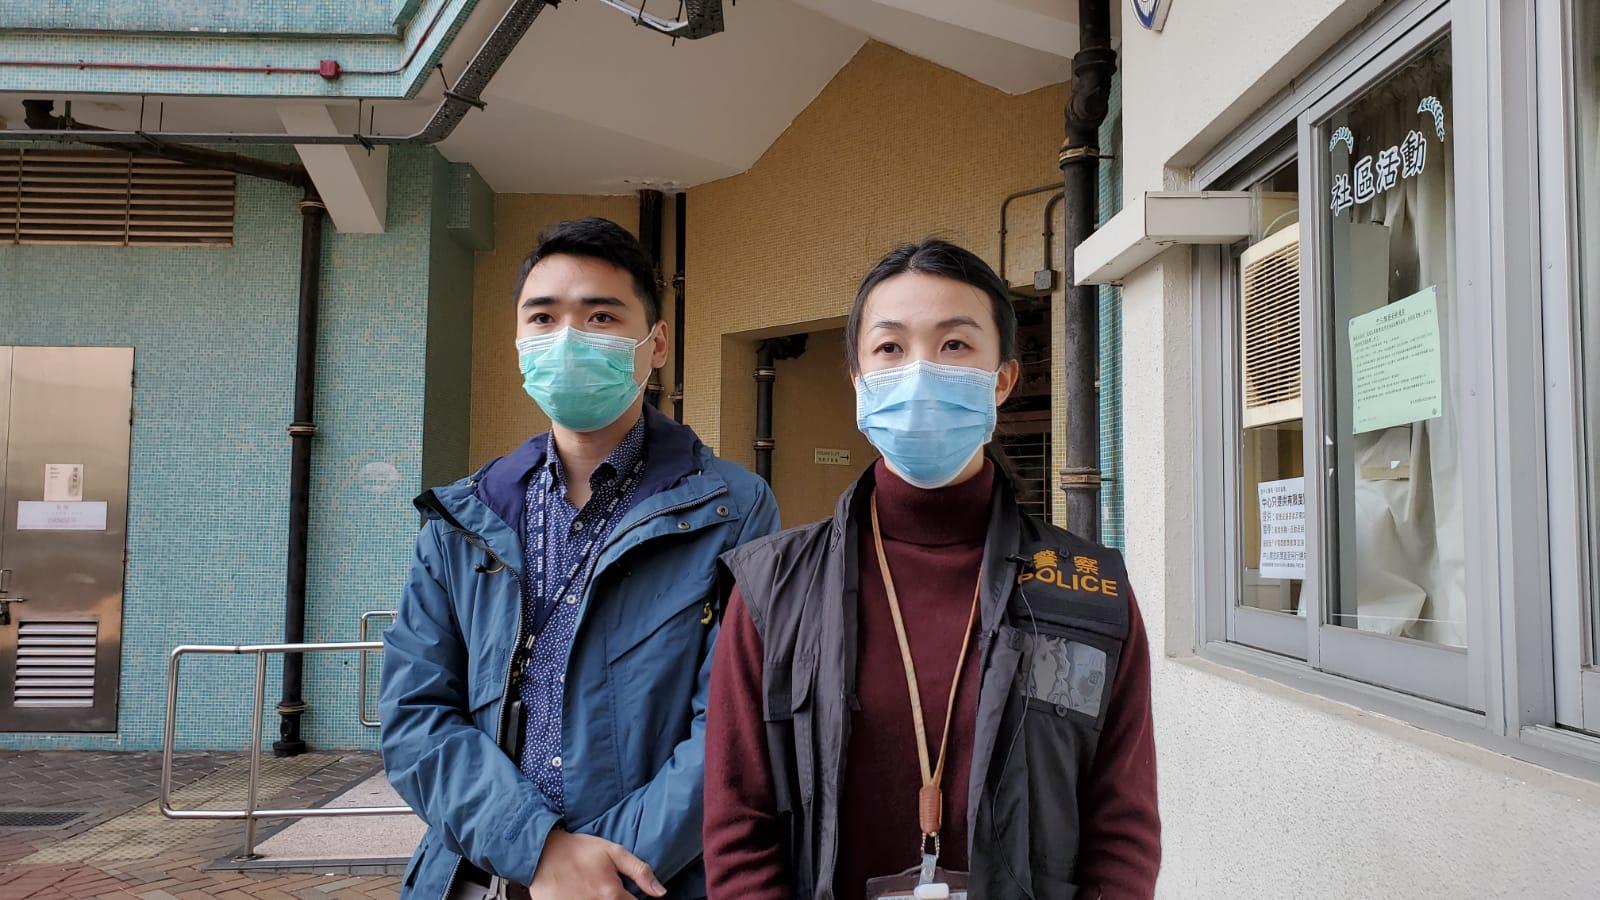 【新冠肺炎】网上鼓吹偷卫署货仓口罩 21岁仔涉游荡被捕